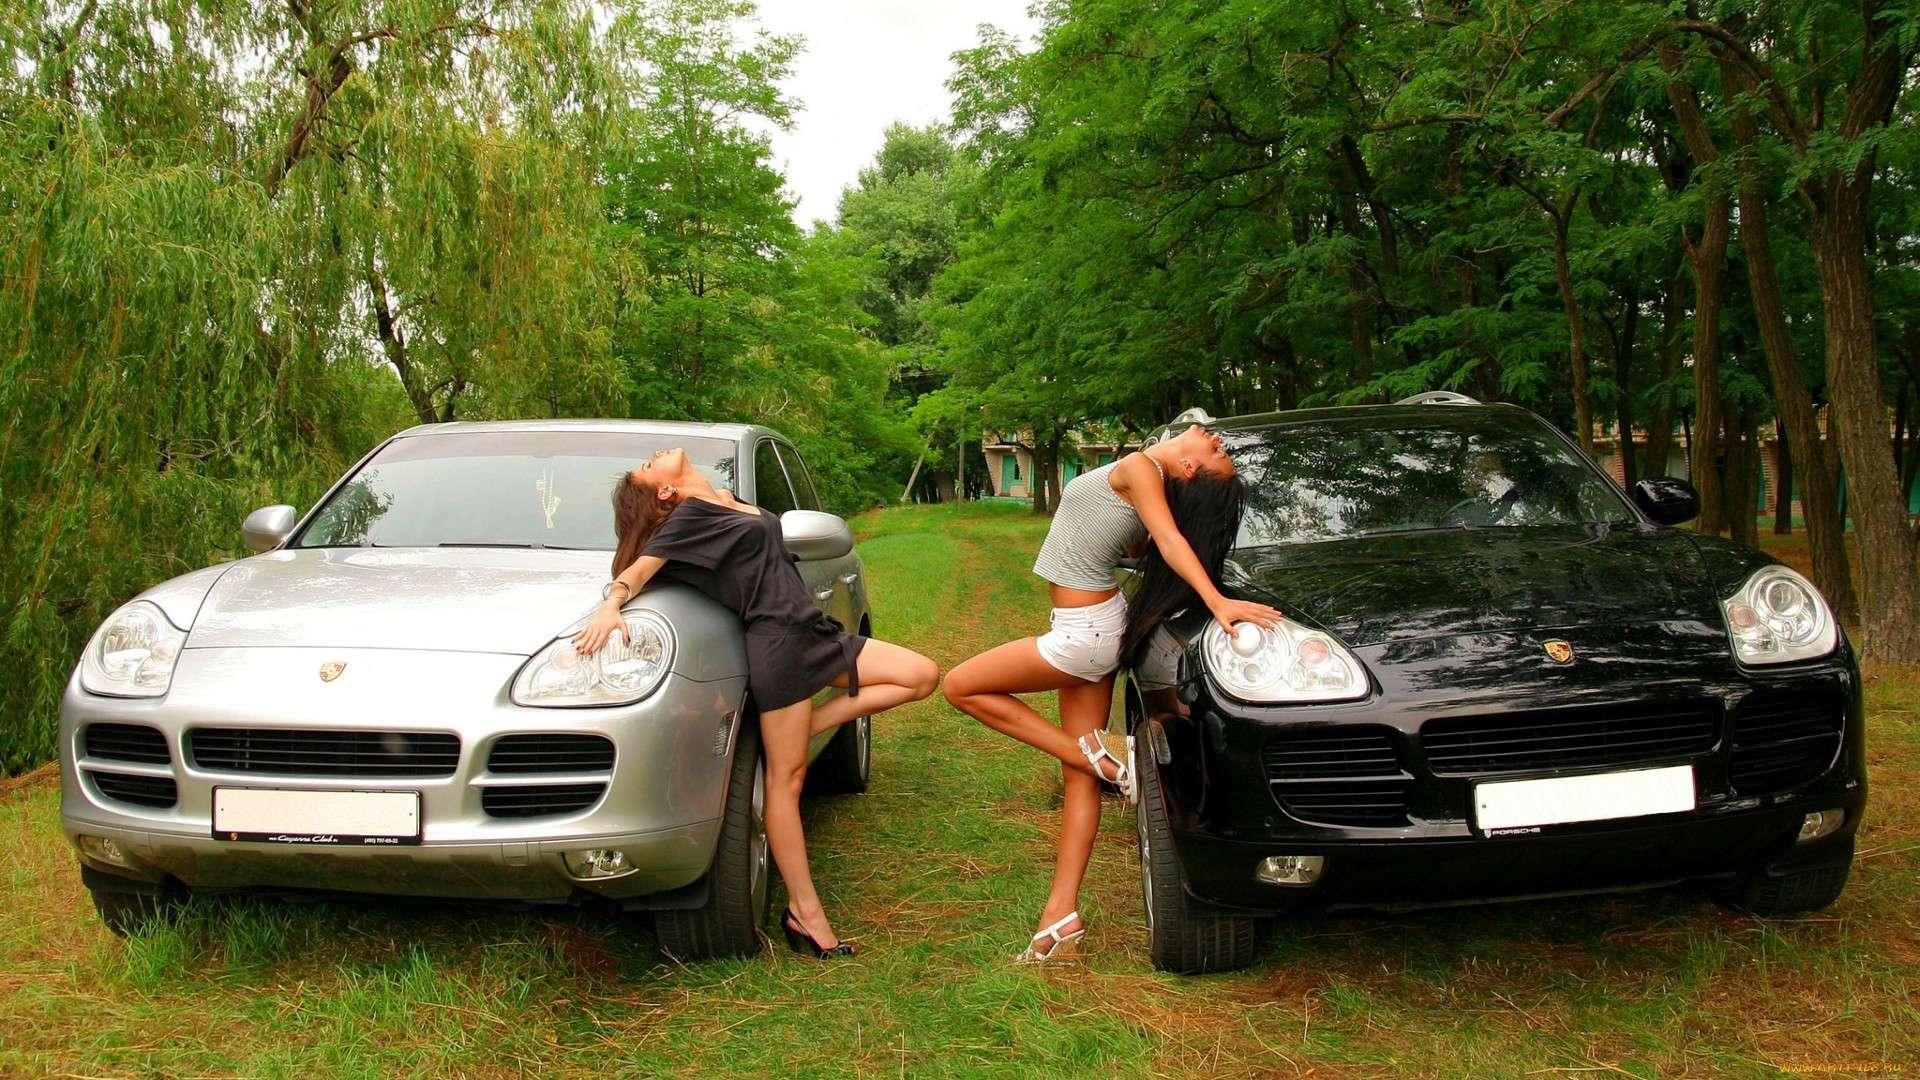 Сексуальные девушки и автомобили (часть 15)